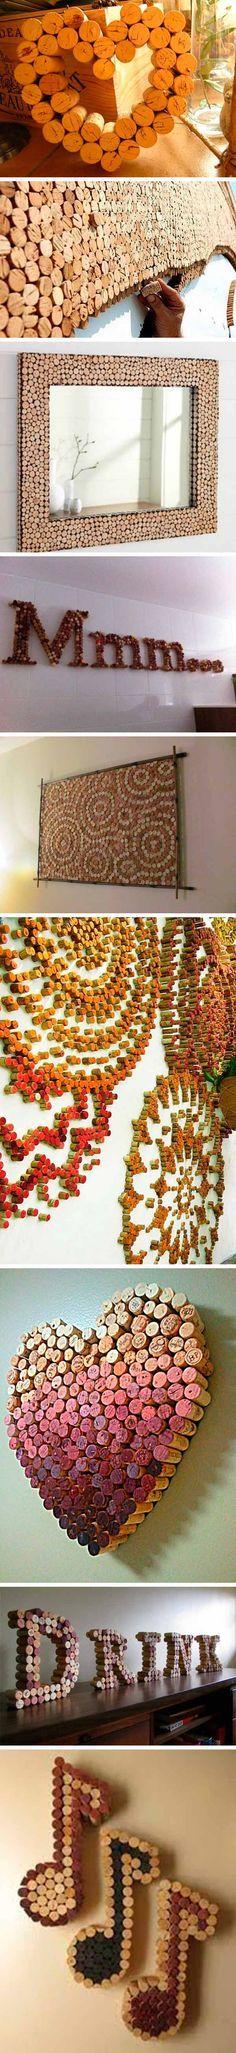 reciclar tapones de corcho - decoracion 2corcho